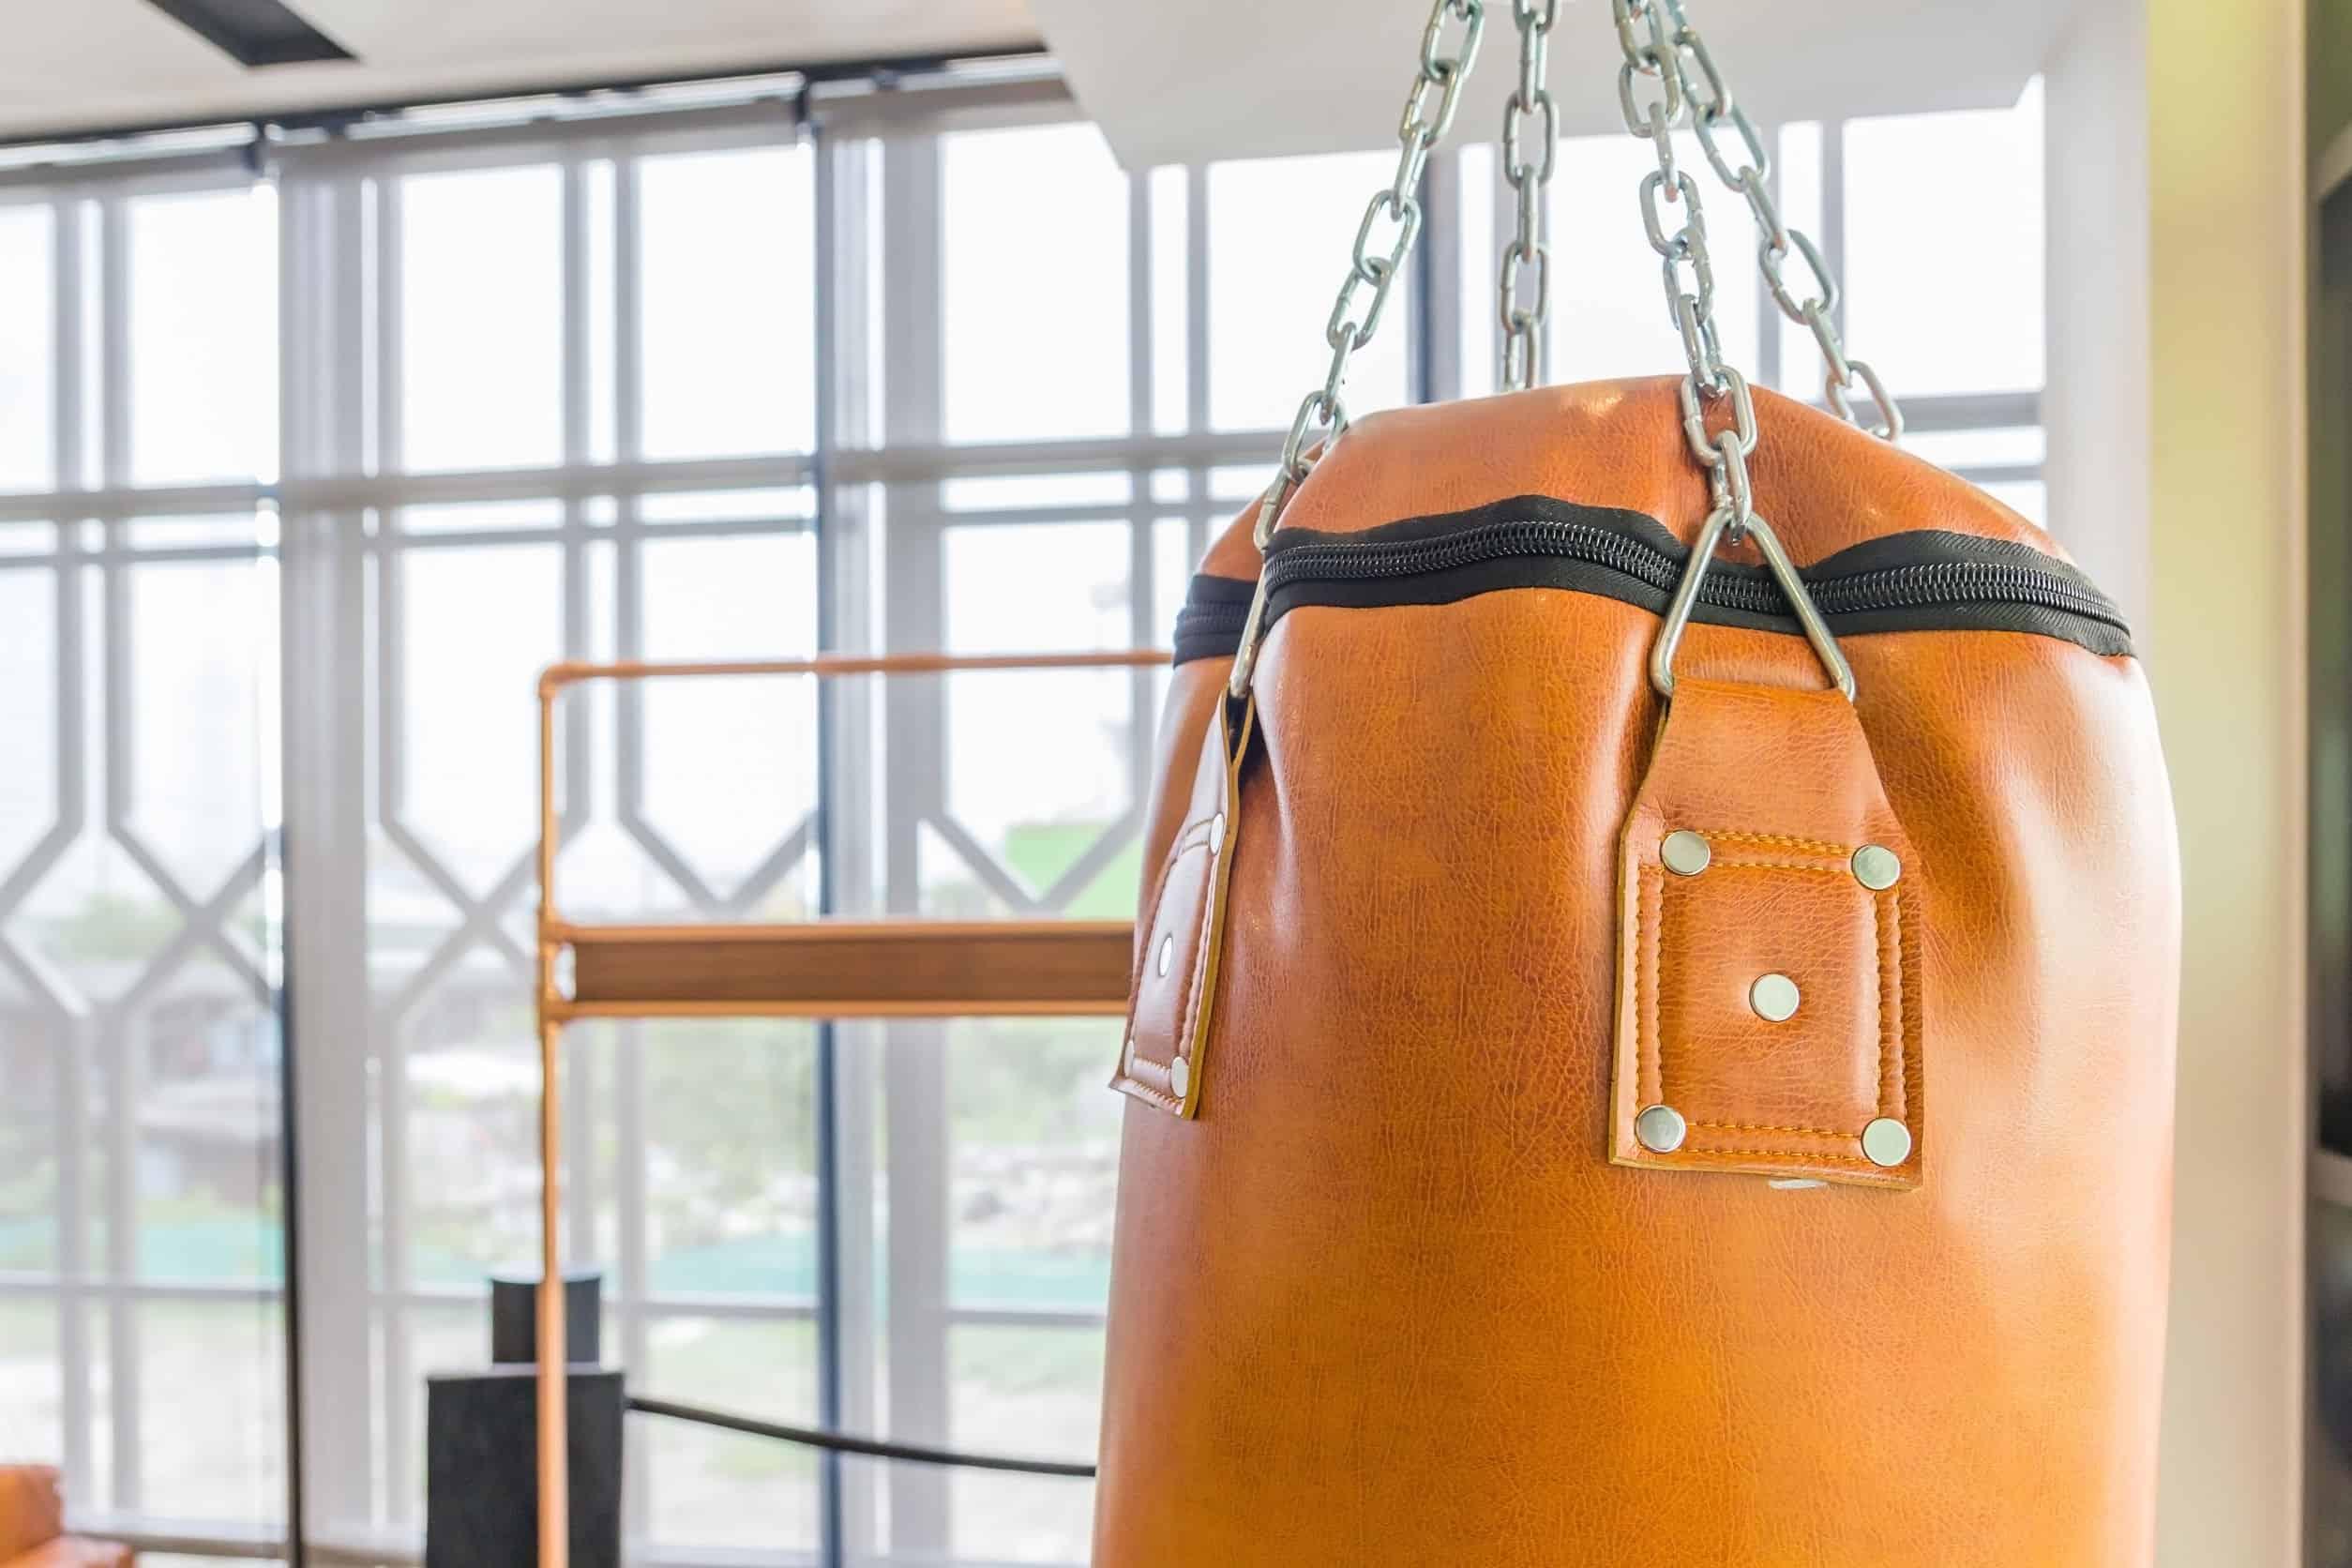 Miglior sacco da boxe 2020: Guida all'acquisto